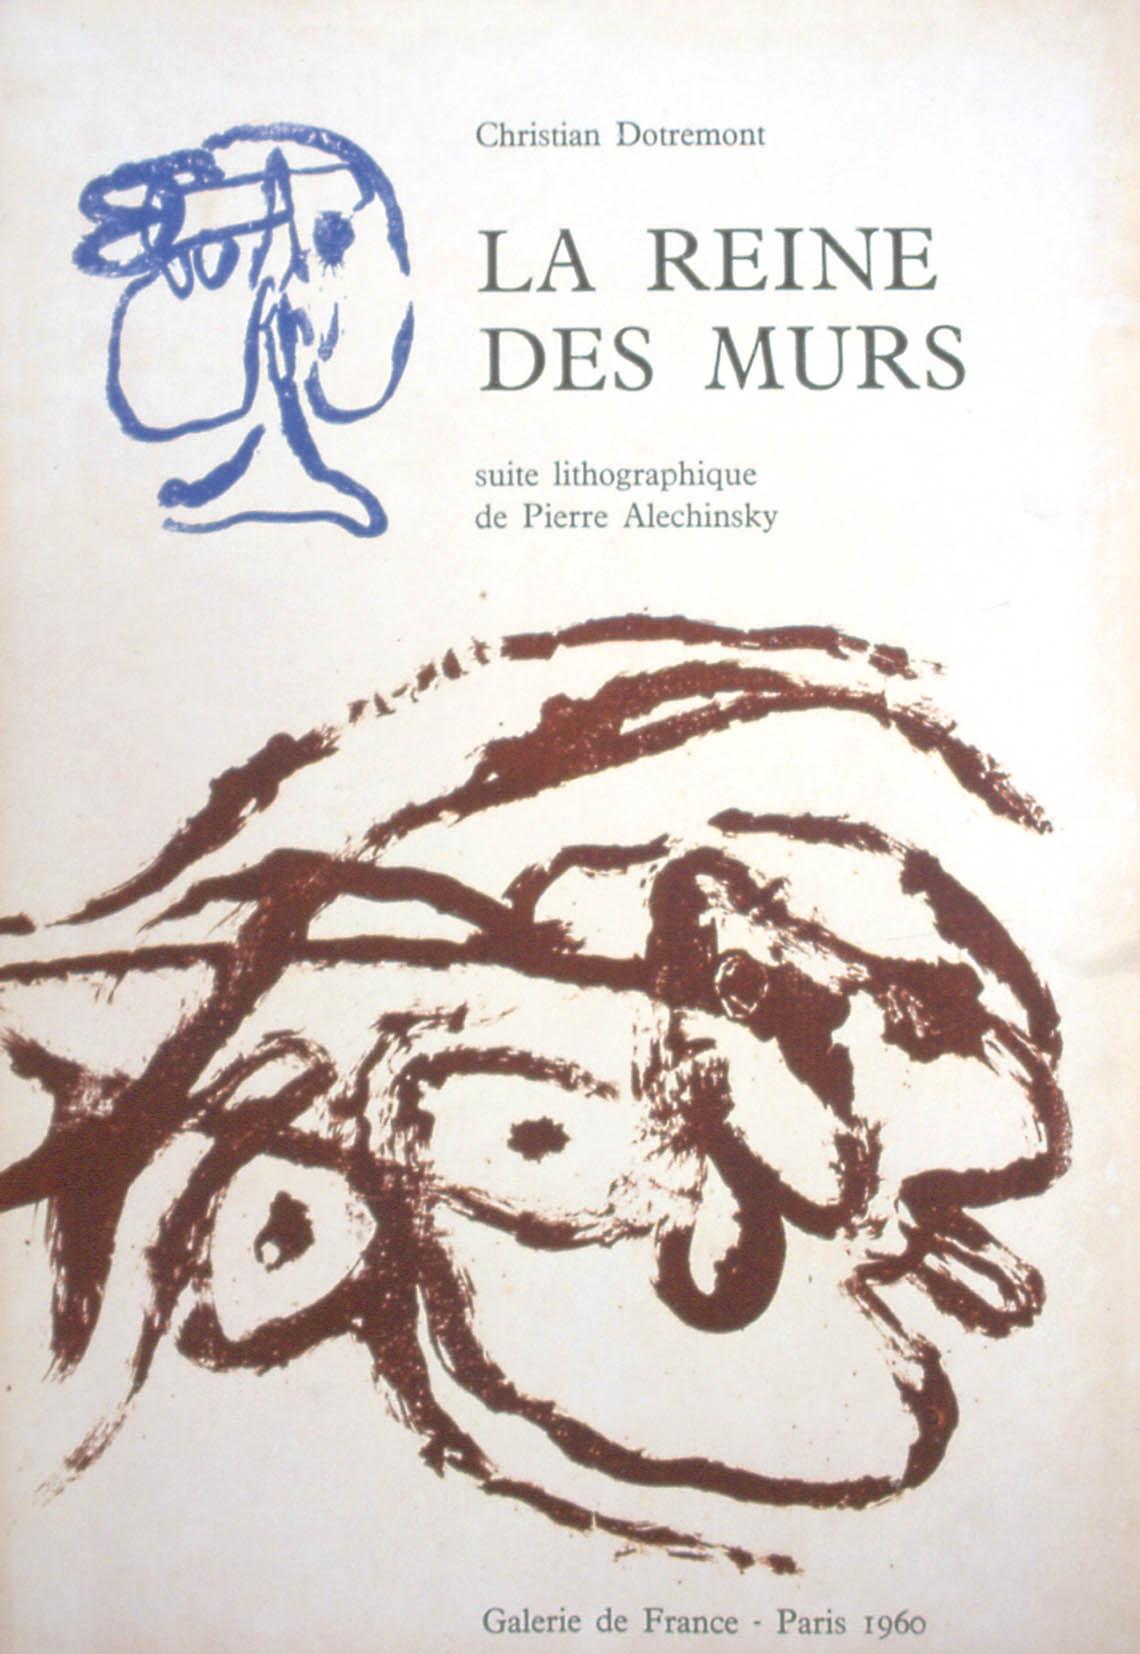 La Reine Des Murs 1960 Texte De Christian Dotremont Accompagne Dune Suite Lithographique DAlechinsky Galerie France Editeur Paris Ex